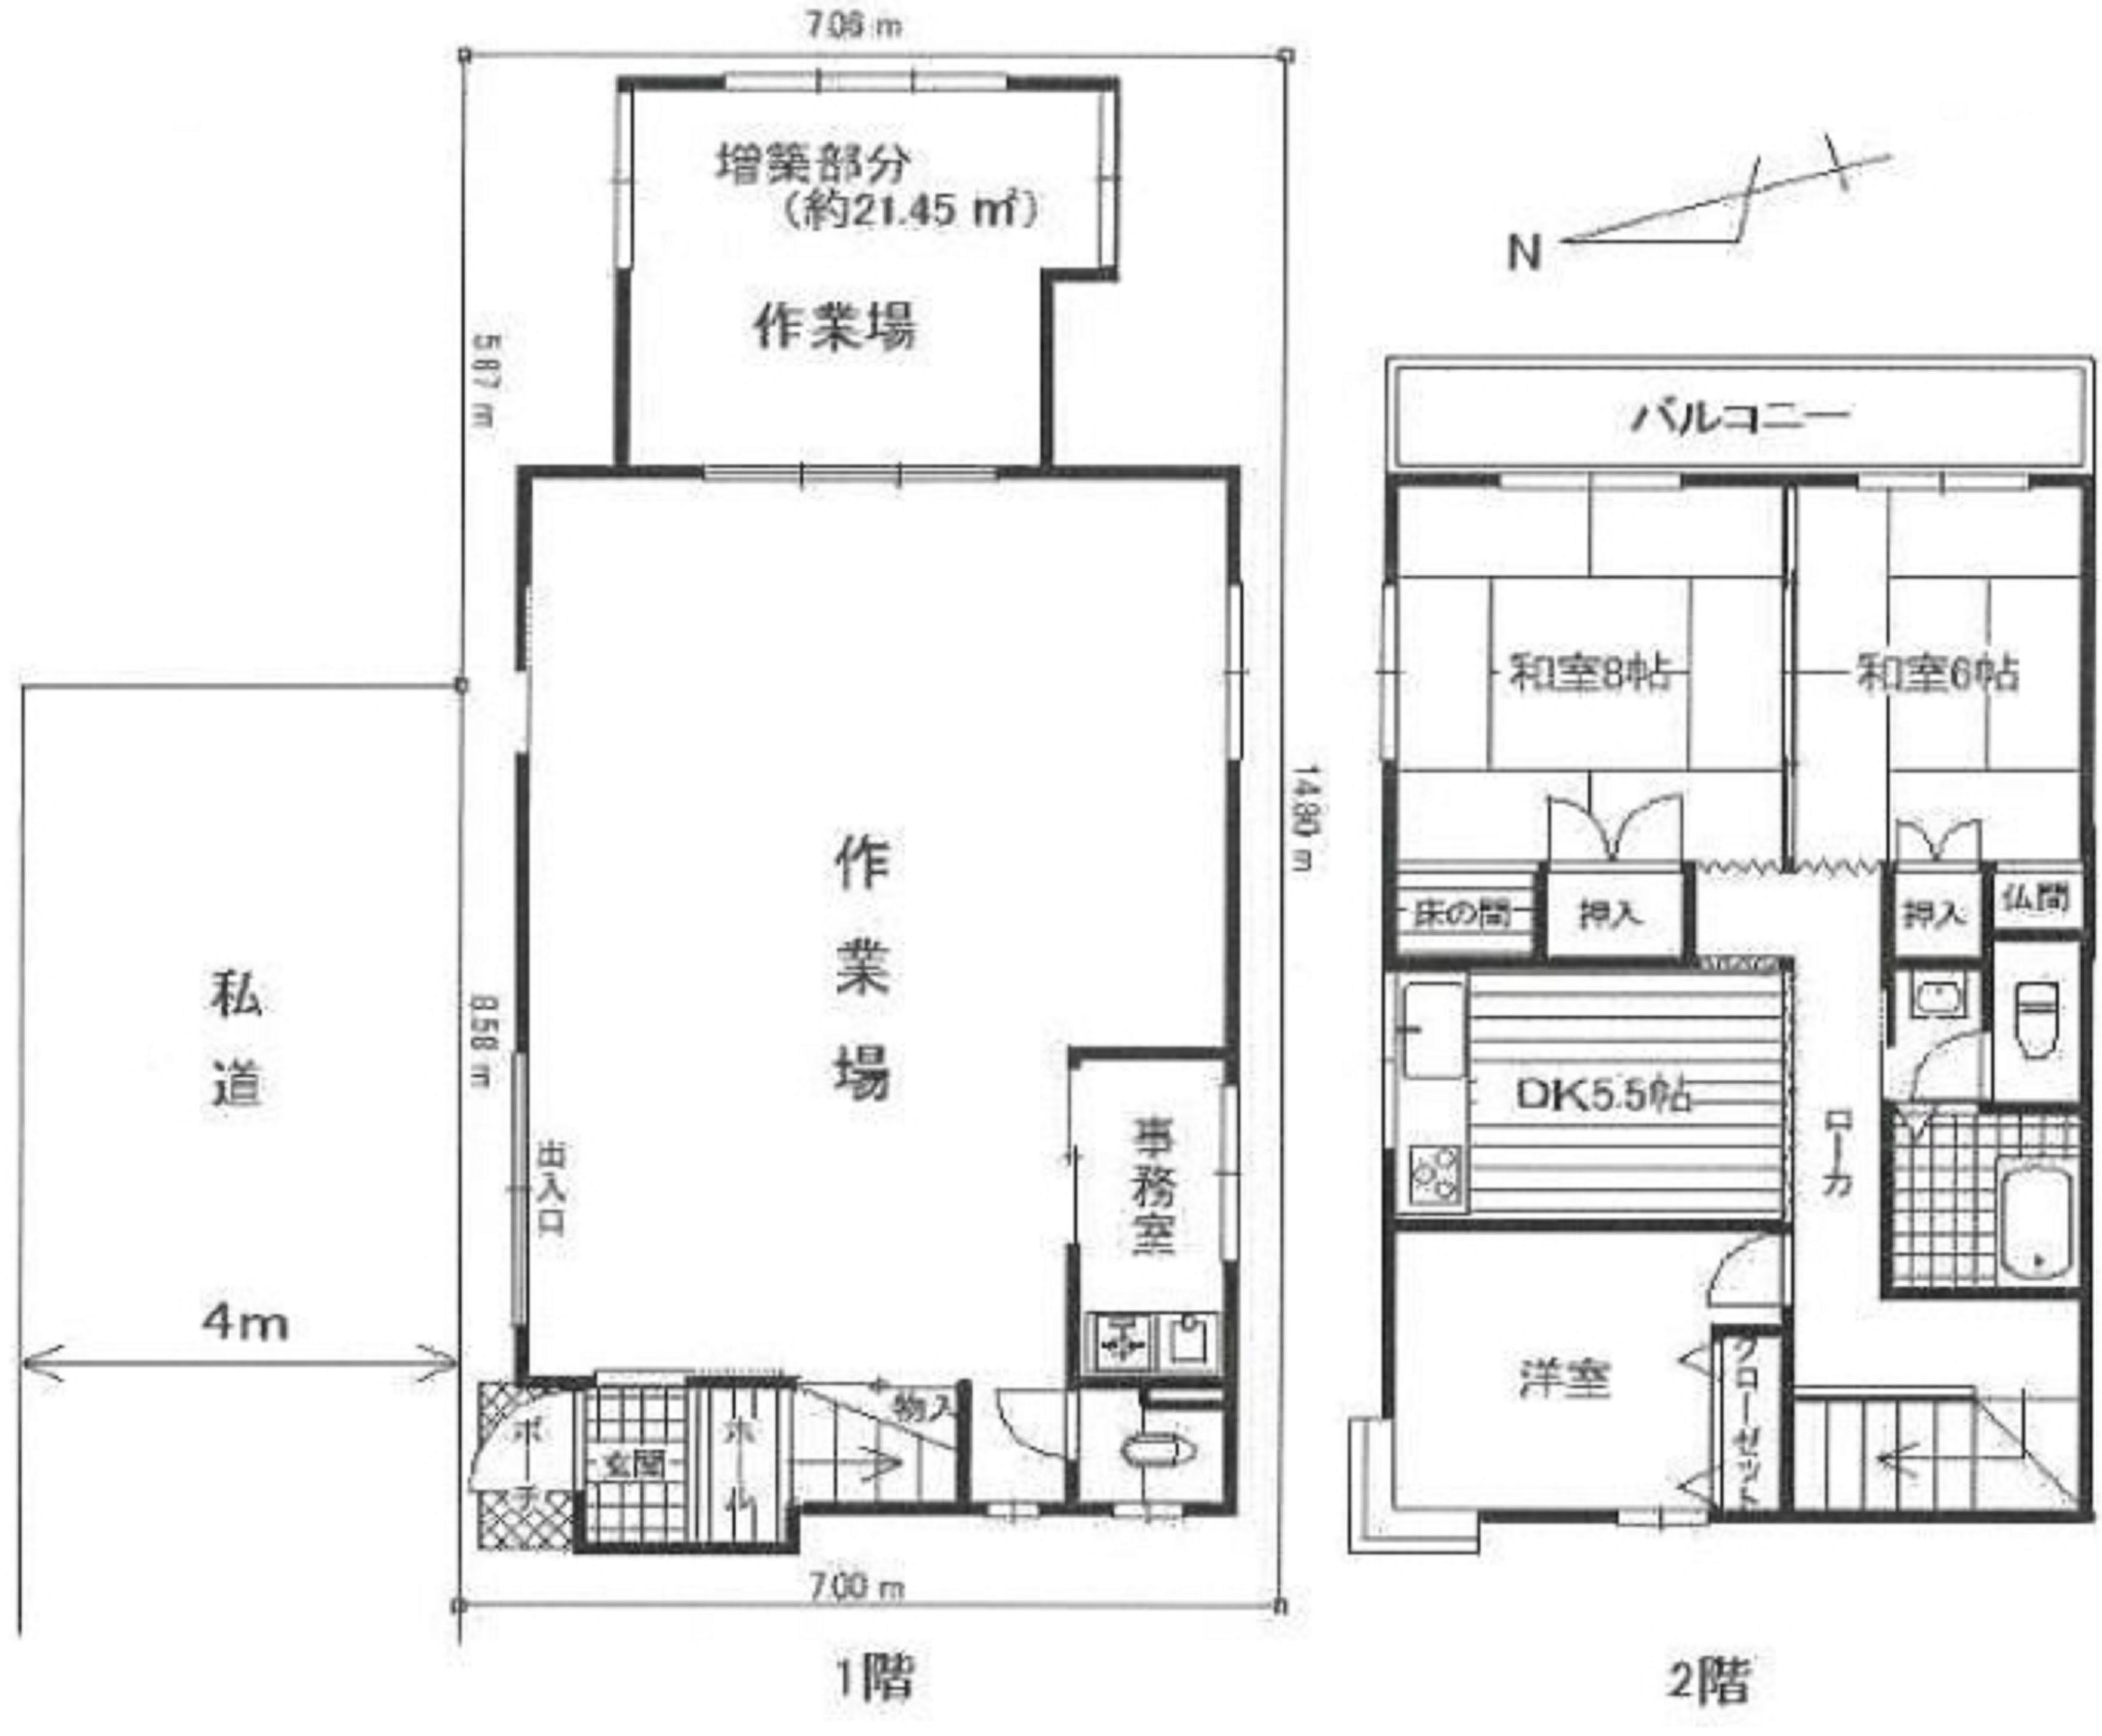 大田区(東京都)の売りビル・売り倉庫・売り工場な …